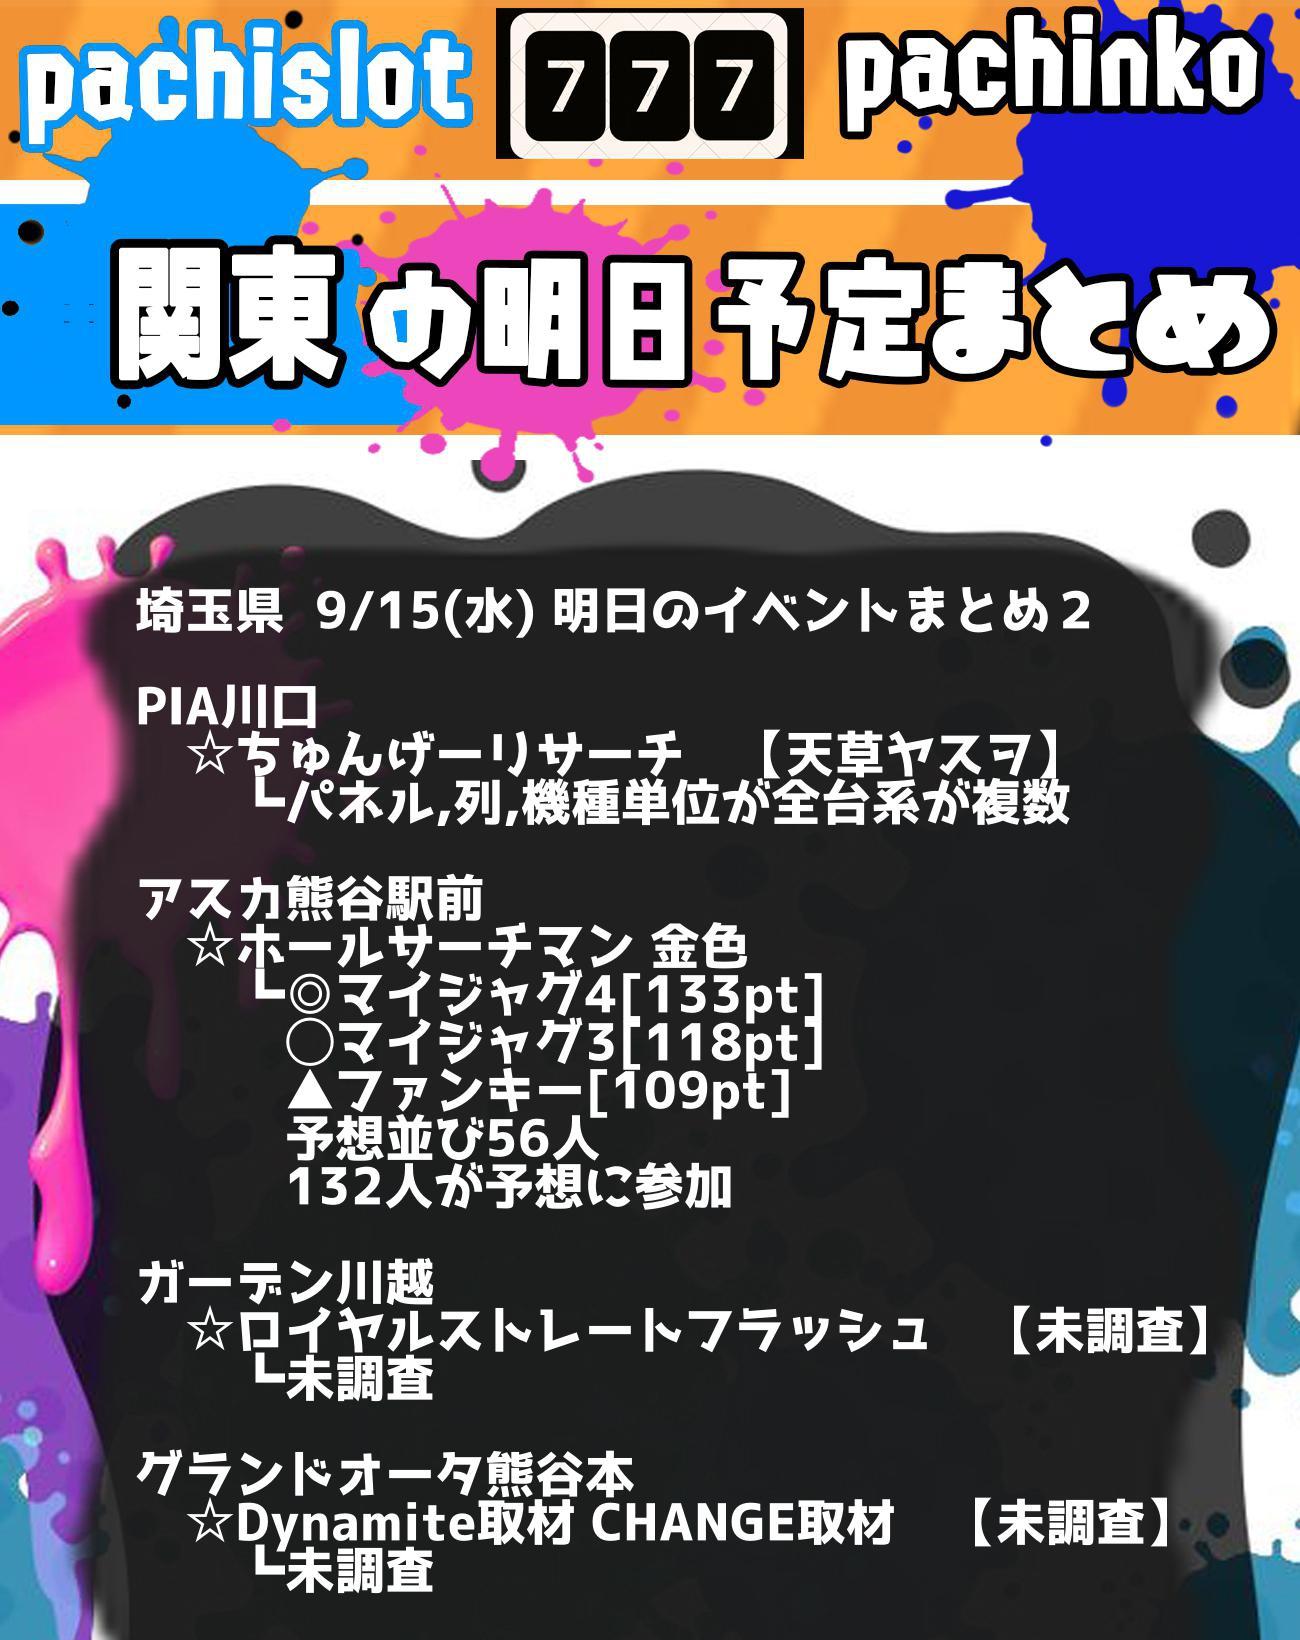 埼玉県_2021-09-15_パチンコ・パチスロ_イベント